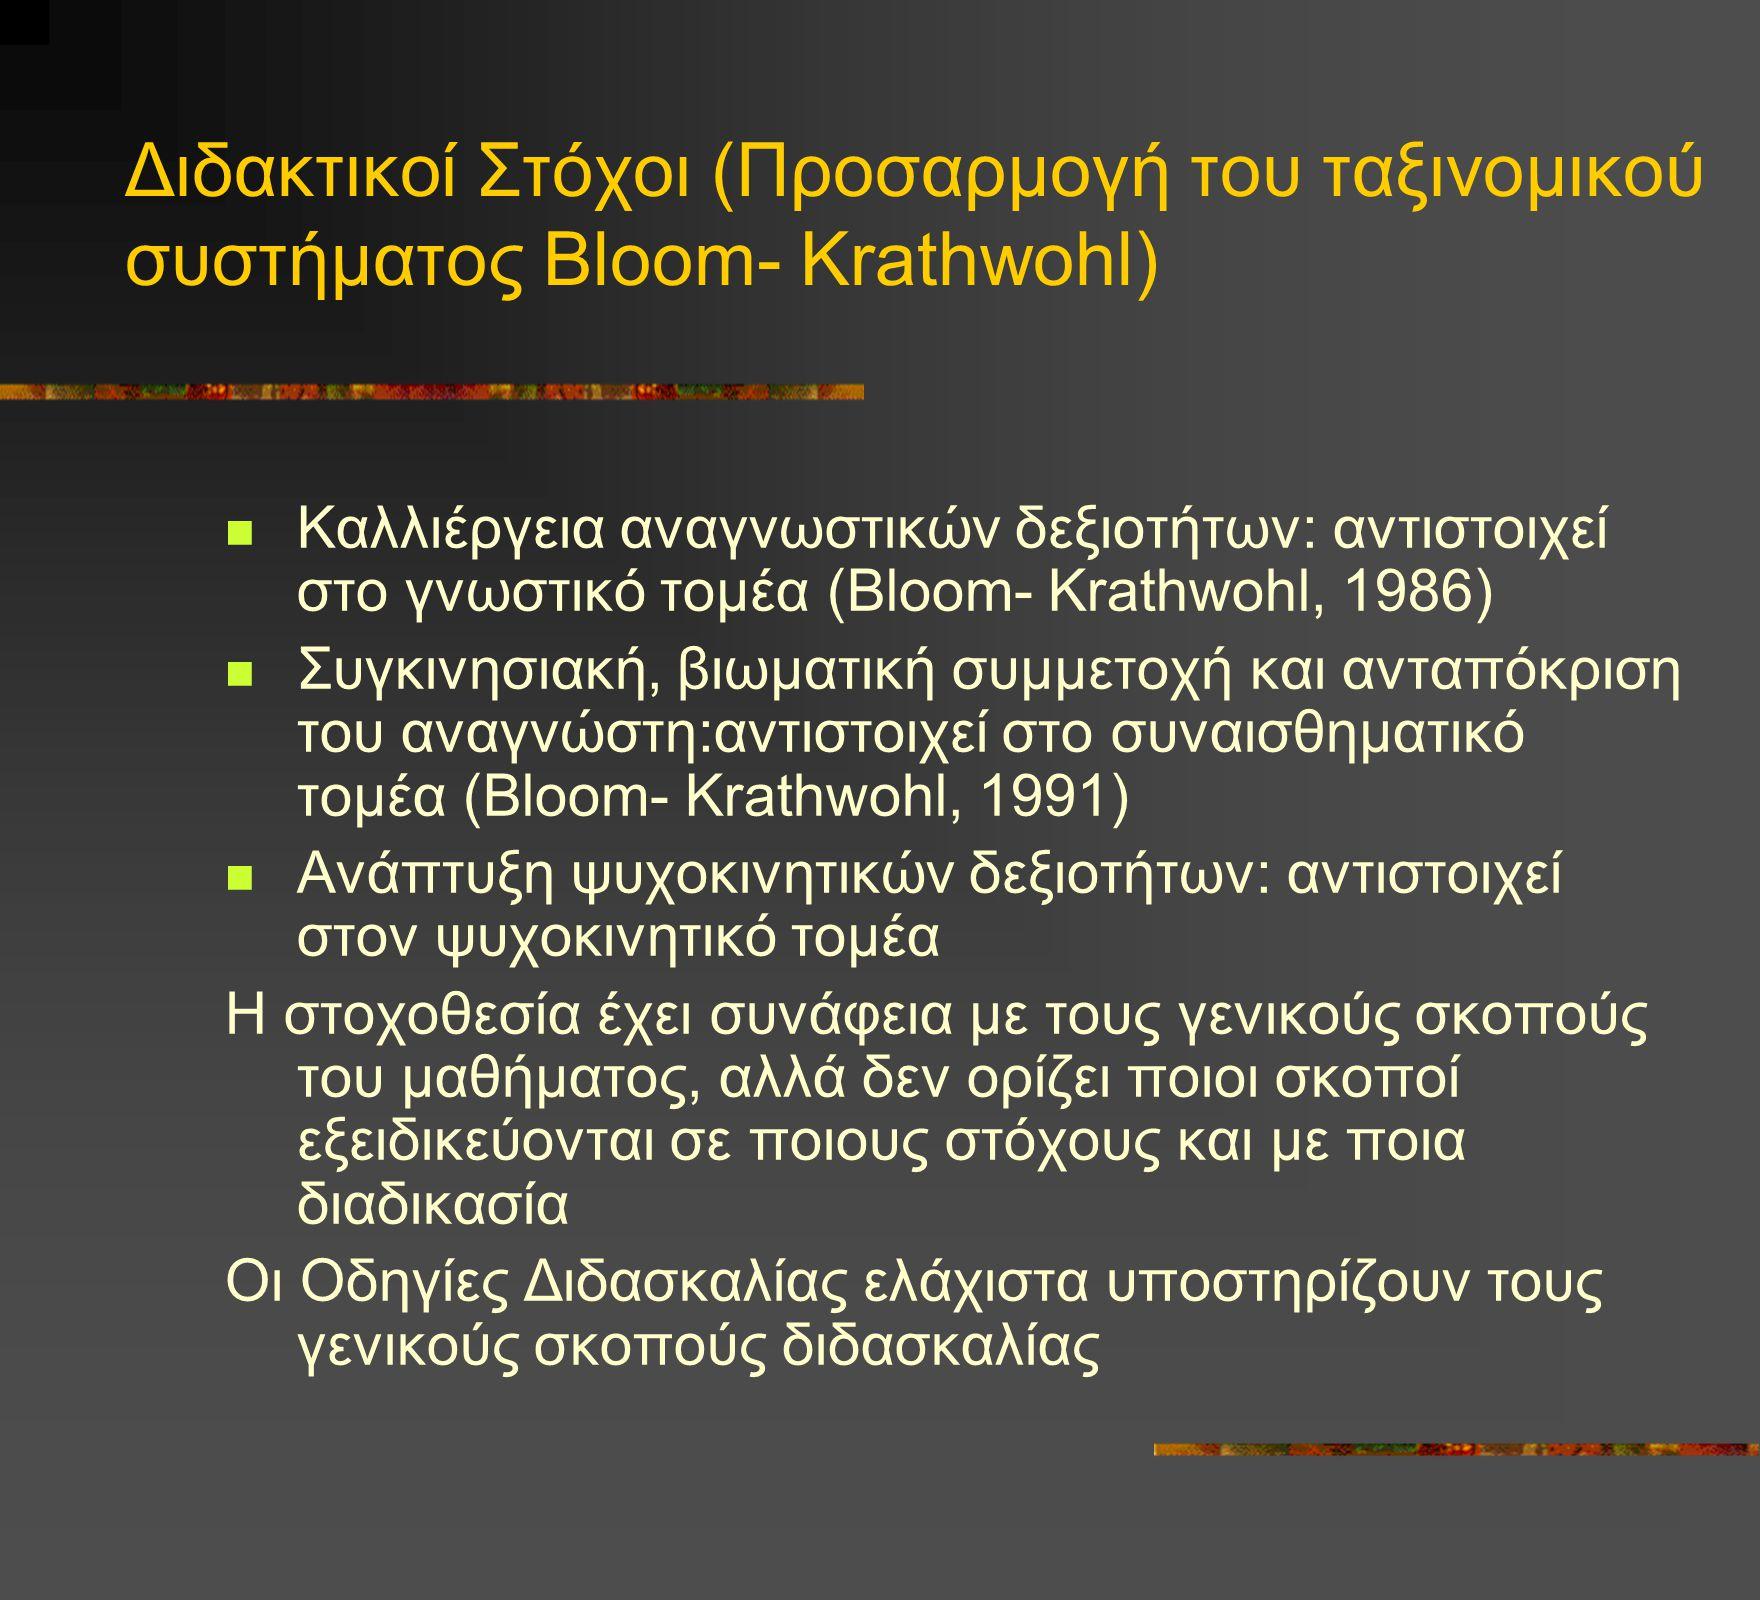 Διδακτικοί Στόχοι (Προσαρμογή του ταξινομικού συστήματος Bloom- Krathwohl) Καλλιέργεια αναγνωστικών δεξιοτήτων: αντιστοιχεί στο γνωστικό τομέα (Bloom-